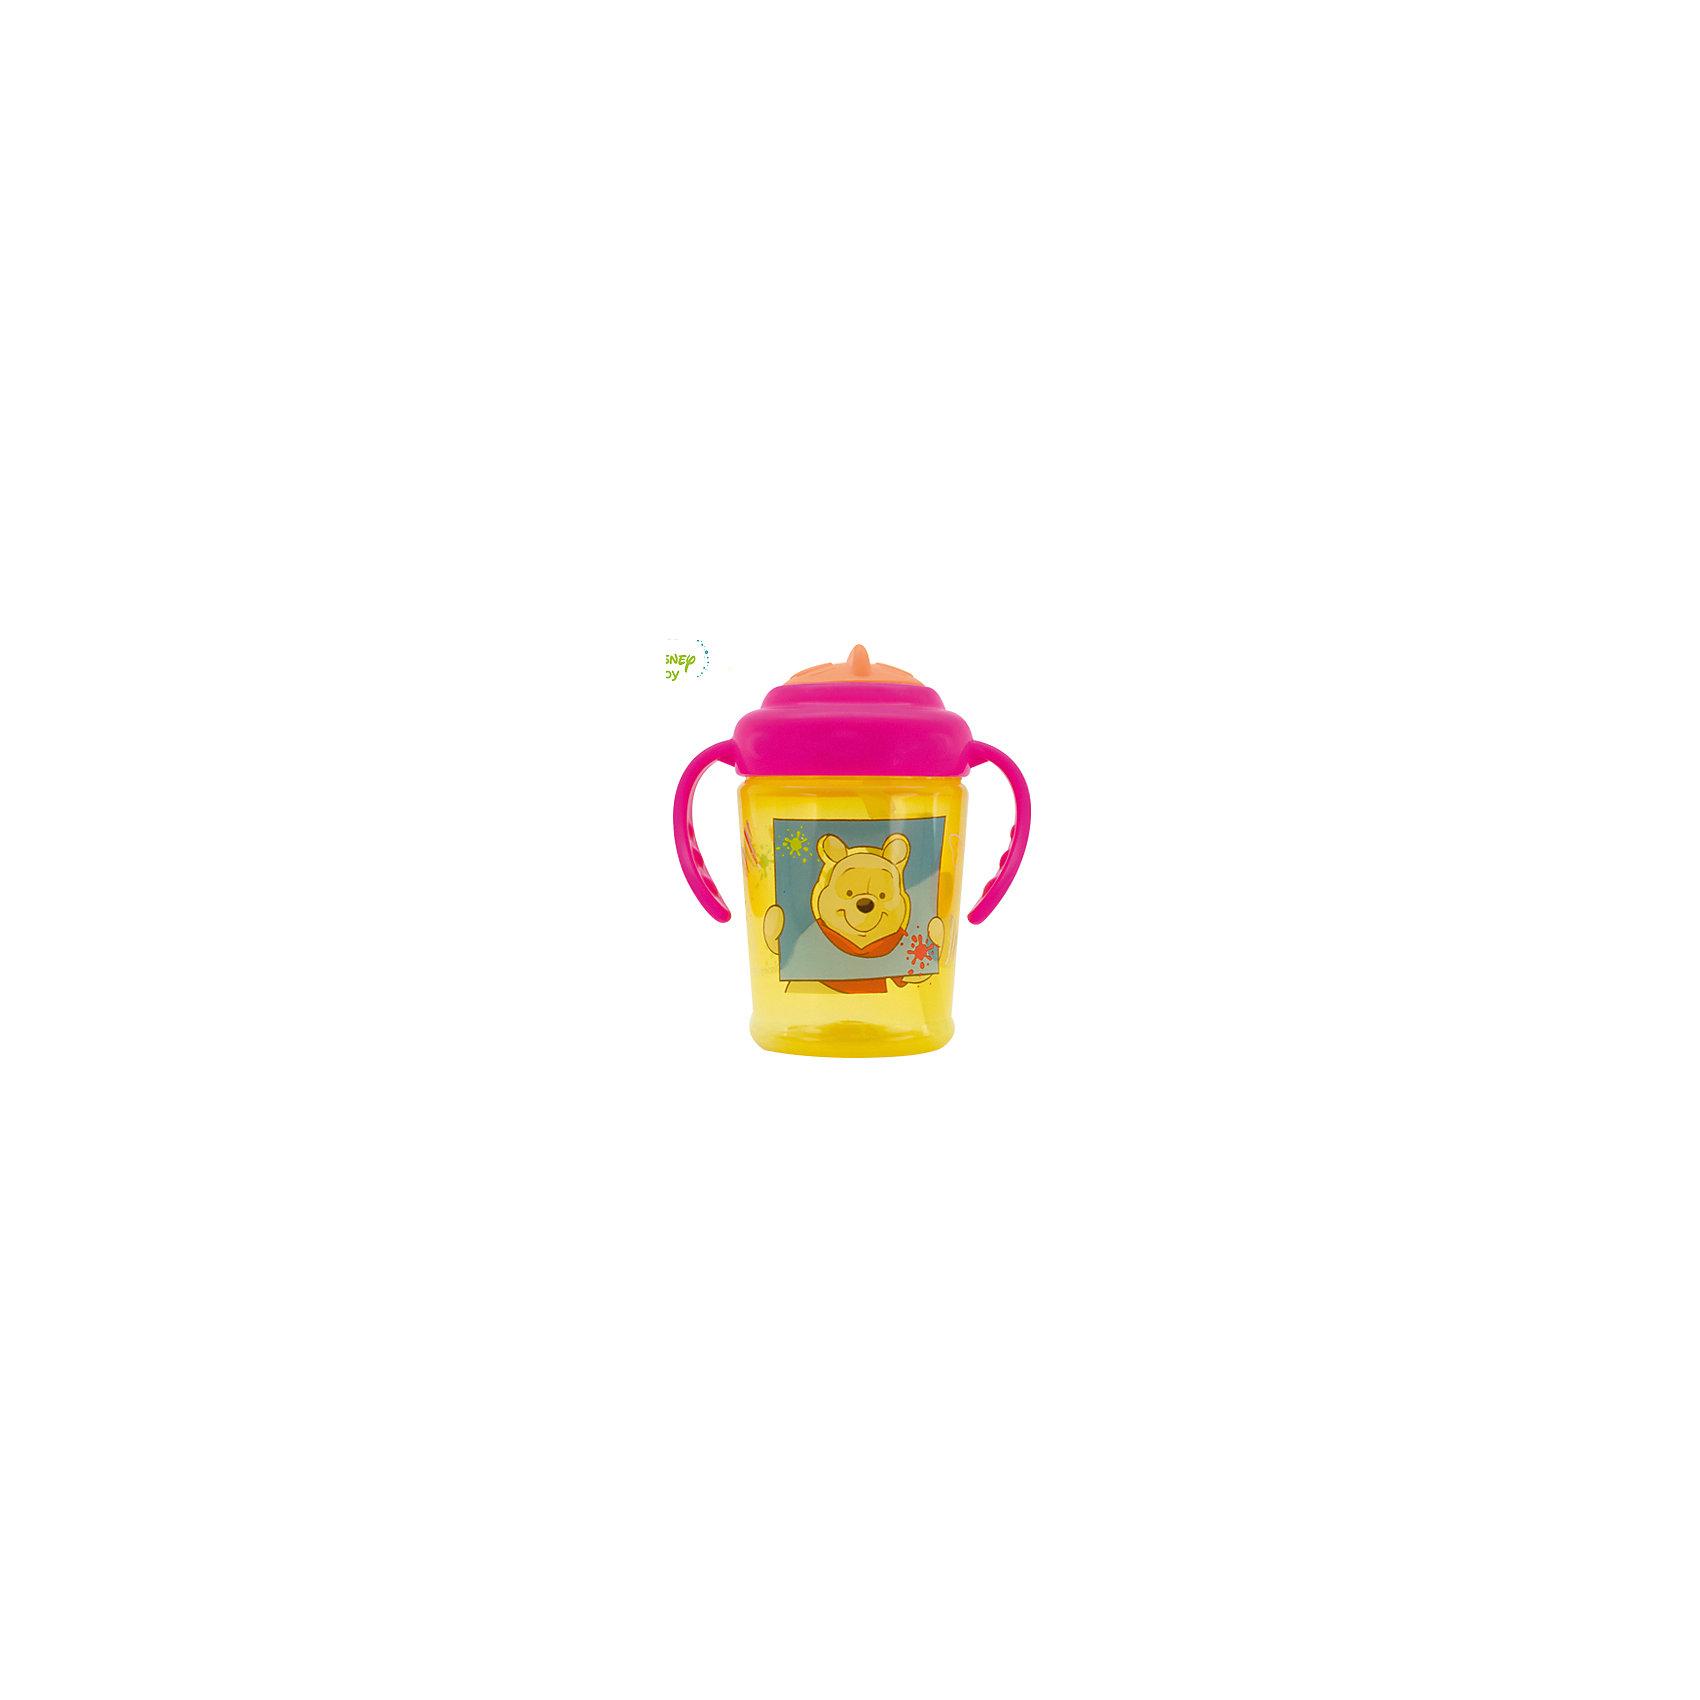 Поильник Мои друзья Тигруля и Винни  DISNEY  от 6 мес., 250 мл., LUBBY, желтый/розовПоильники<br>Поильник с трубочкой Мои друзья Тигруля и Винни будет незаменимым помощником в качестве первого поильника с трубочкой.  Прозрачность  бутылочки поильника  позволяет точно определить количество жидкости внутри, а  яркий дизайн привлечет внимание ребенка.  У поильника удобная форма ручек, что позволит Вашему малышу самому держать поильник. Крышечка поильника надежно защитит его от загрязнений и проливания жидкости.<br>Перед первым использованием необходимо прокипятить изделие в течение 5 минут. В дальнейшем перед каждым использованием кружку необходимо мыть теплой водой с мылом, тщательно ополаскивать. Можно мыть в посудомоечной машине.<br><br>Дополнительная информация: <br> <br>- состав: бутылочка, крышка, ручки - полипропилен (РР), трубочка - силикон<br>- срок службы: поильник - 1 год, трубочка - 45 дней<br>- объем: 250 мл.<br><br>Поильник Мои друзья Тигруля и Винни с трубочкой можно купить в нашем интернет-магазине.<br><br>Ширина мм: 250<br>Глубина мм: 150<br>Высота мм: 150<br>Вес г: 350<br>Возраст от месяцев: 6<br>Возраст до месяцев: 36<br>Пол: Унисекс<br>Возраст: Детский<br>SKU: 4801524